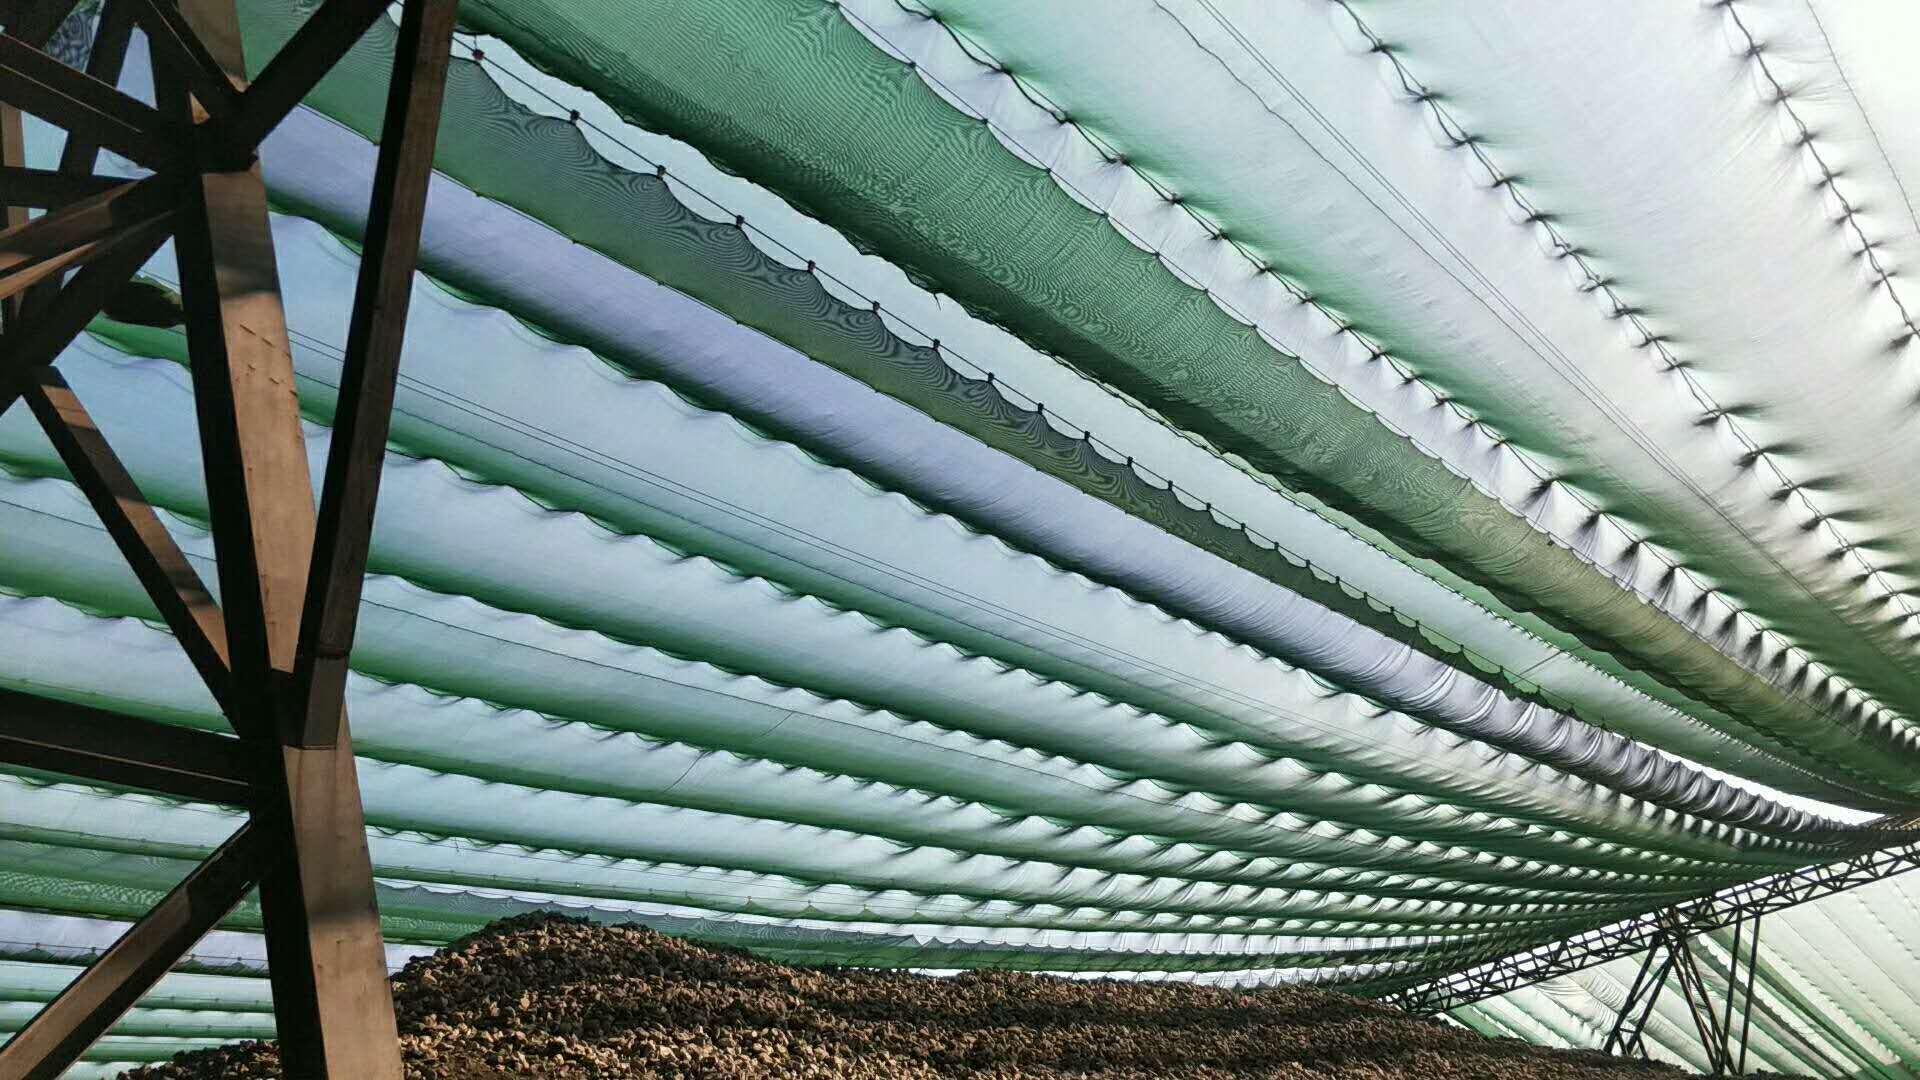 塑料防风抑尘网,塑料防风抑尘墙,塑料编织防风抑尘网,港口塑料挡风抑尘墙定做示例图13